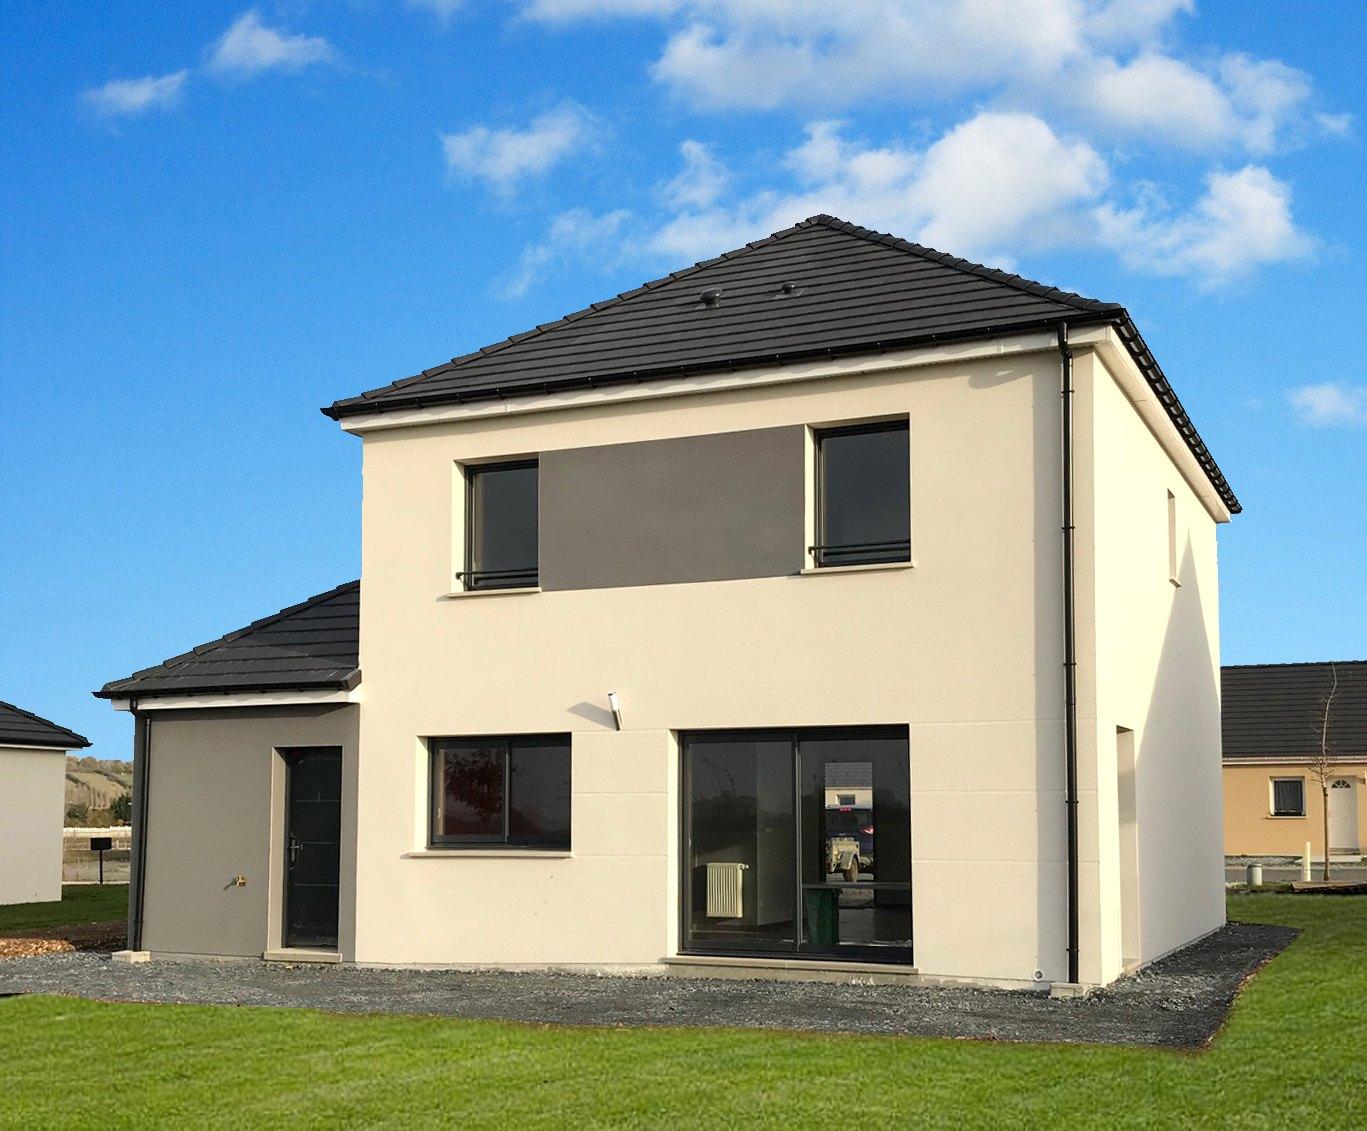 Maisons + Terrains du constructeur Maison Familiale Mazingarbe • 110 m² • ANNAY